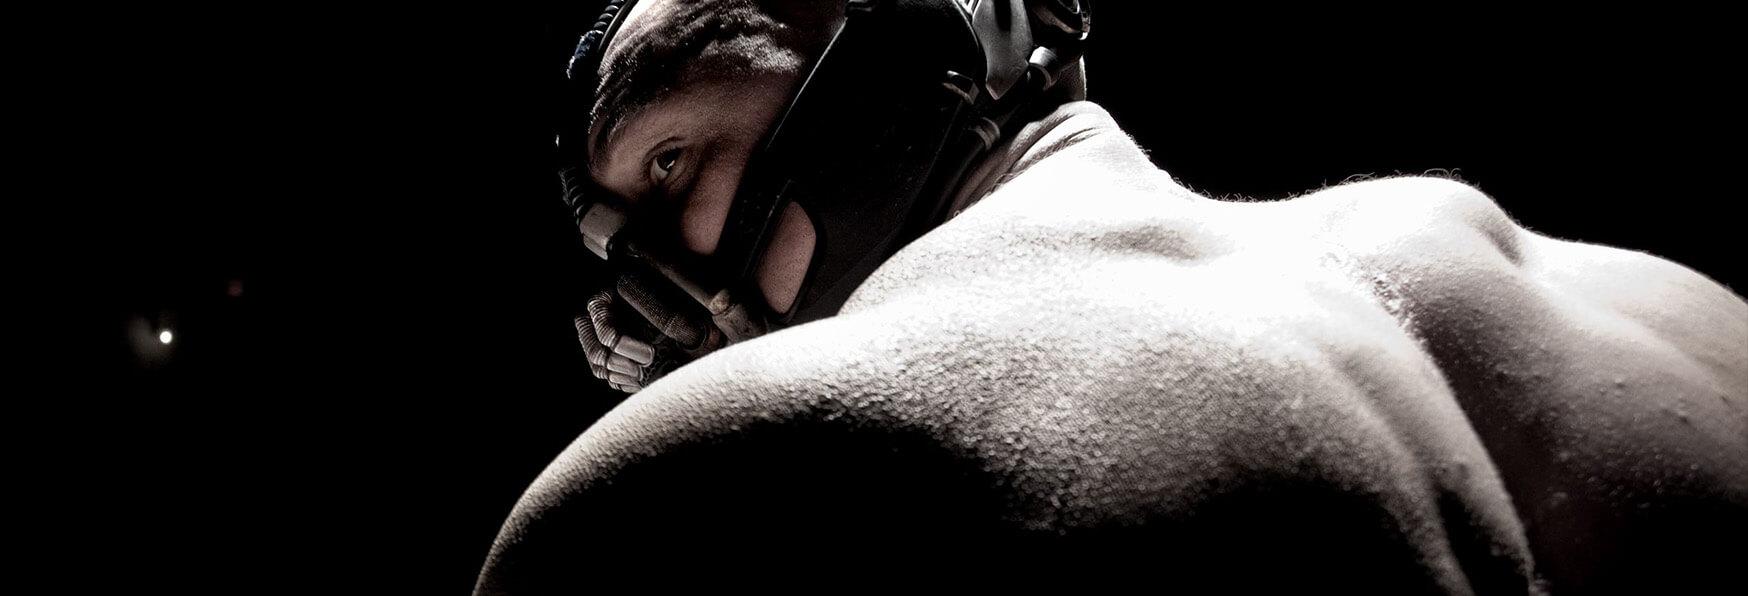 Nell'ultima stagione di Gotham arriva Bane, l'acerrimo nemico di Batman: FOX svela le foto